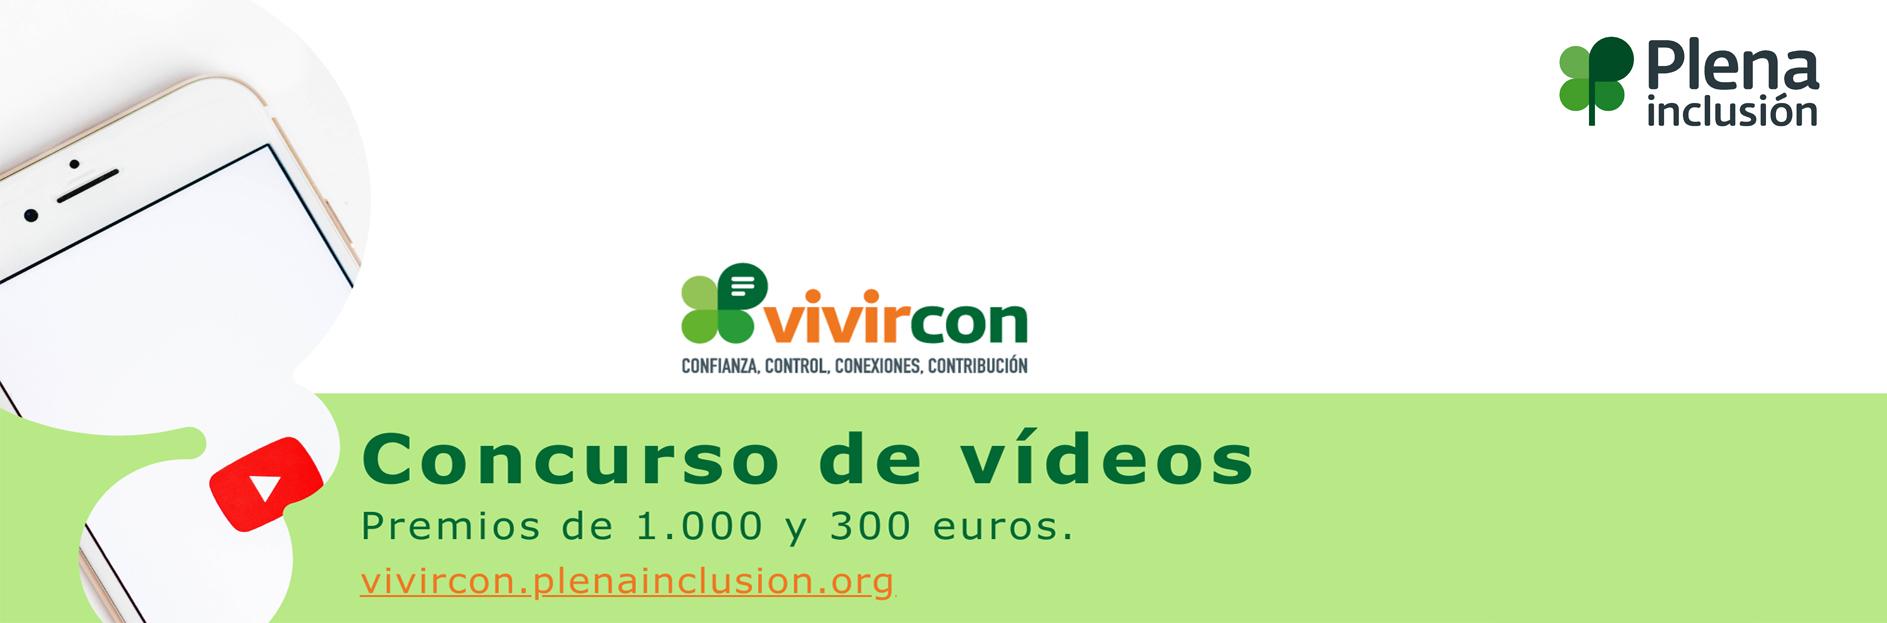 Concurso videos